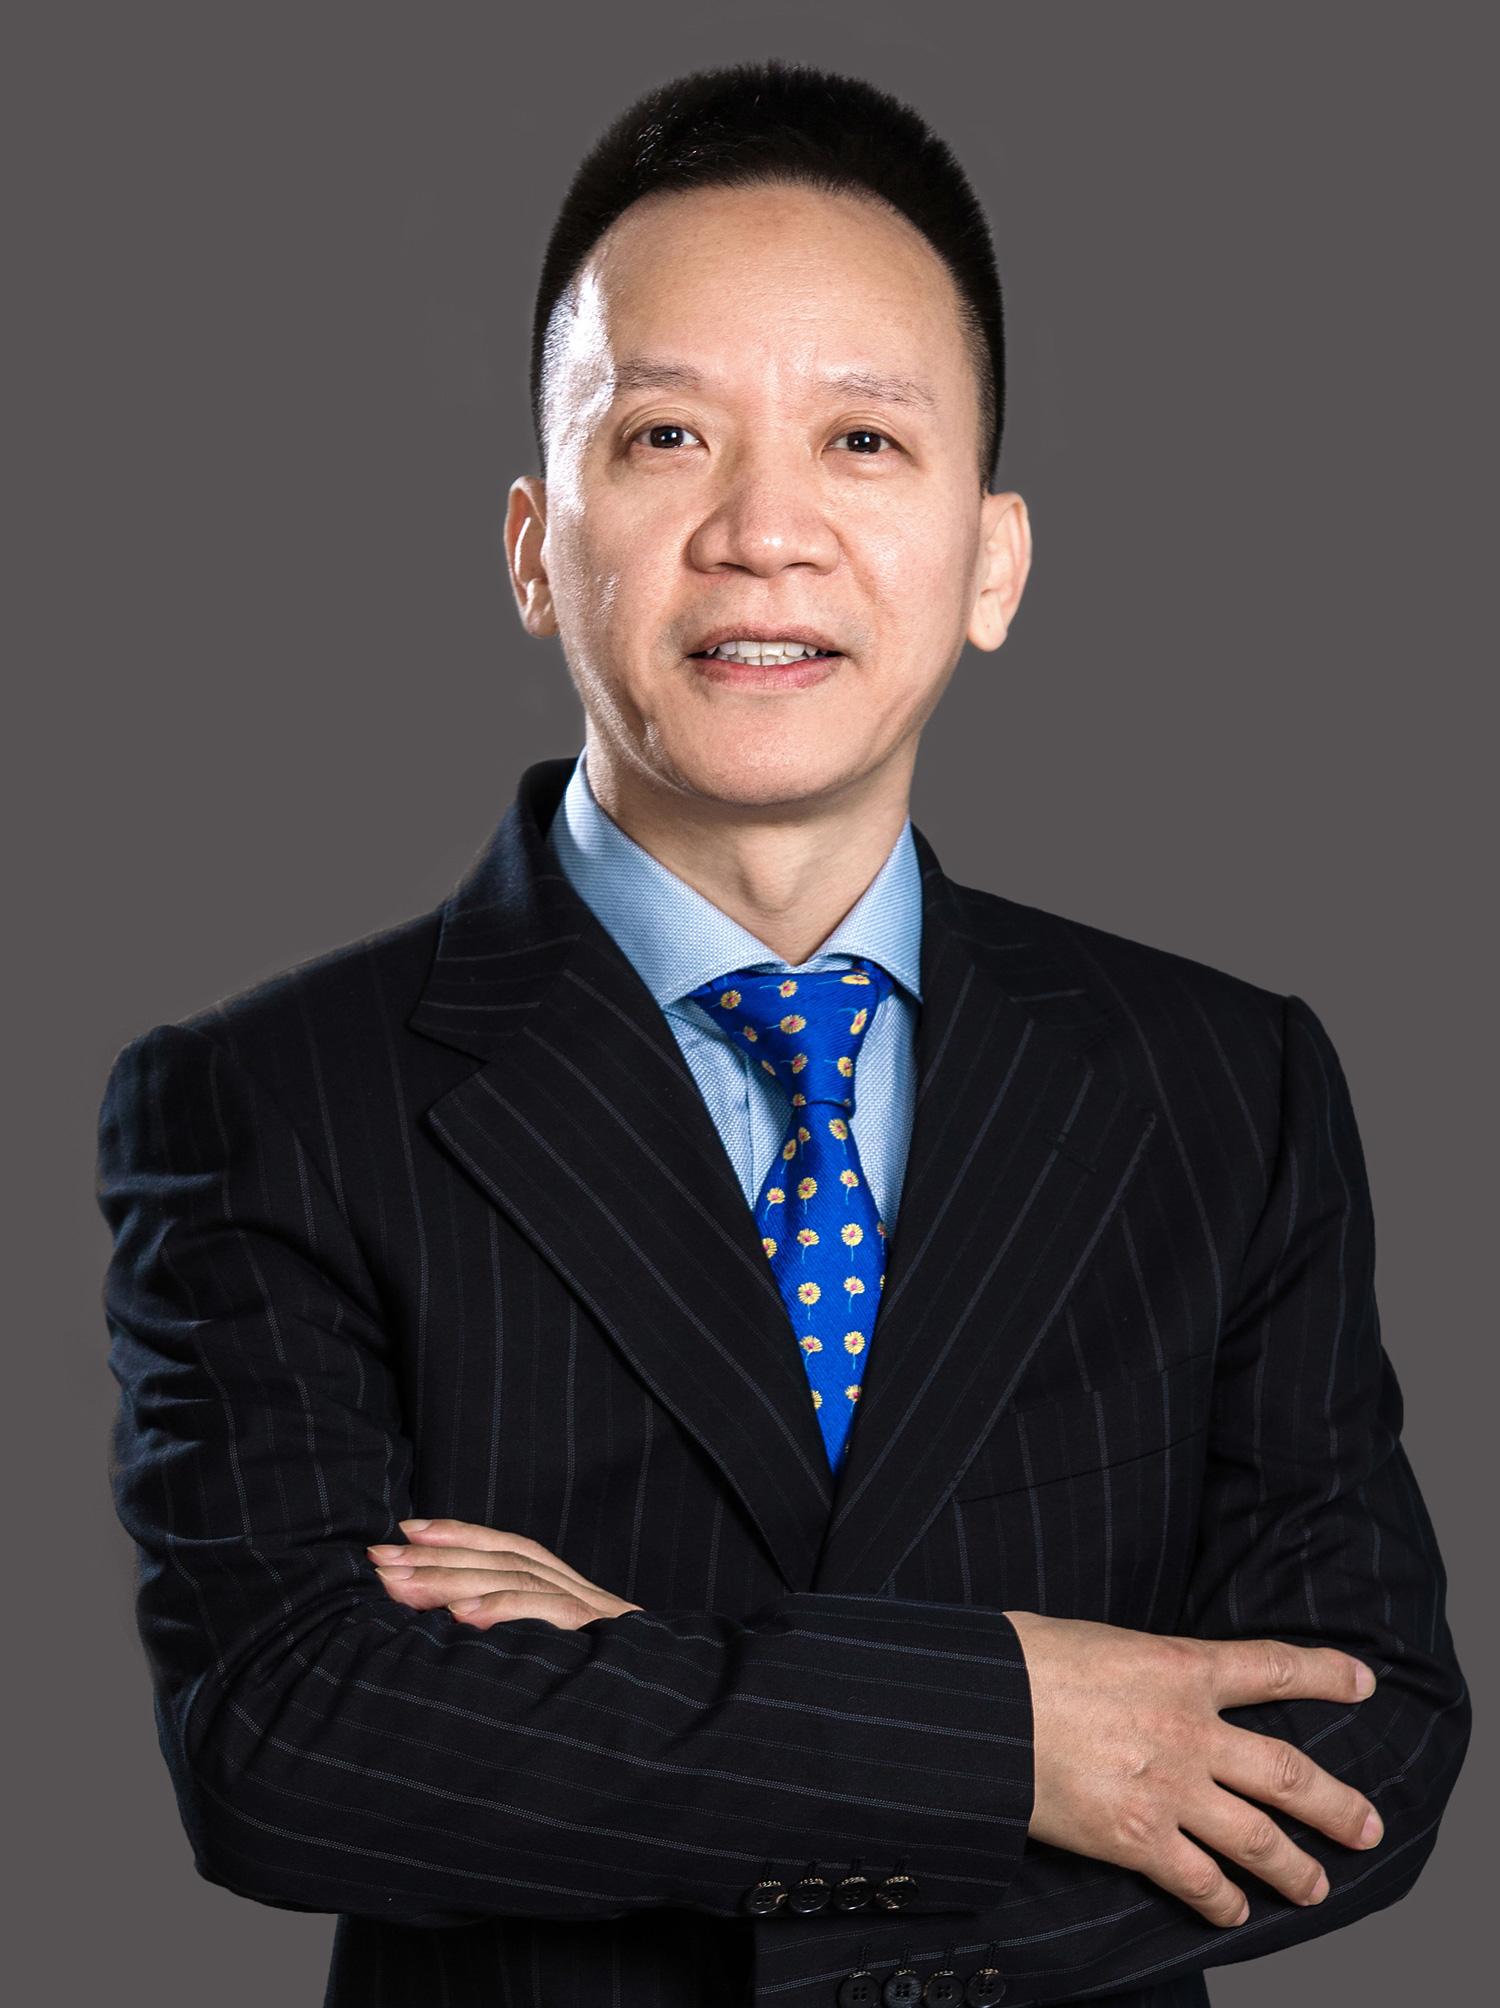 Li Zhongchu. Founder, Chairman, President, Controlling Shareholder at Shiji